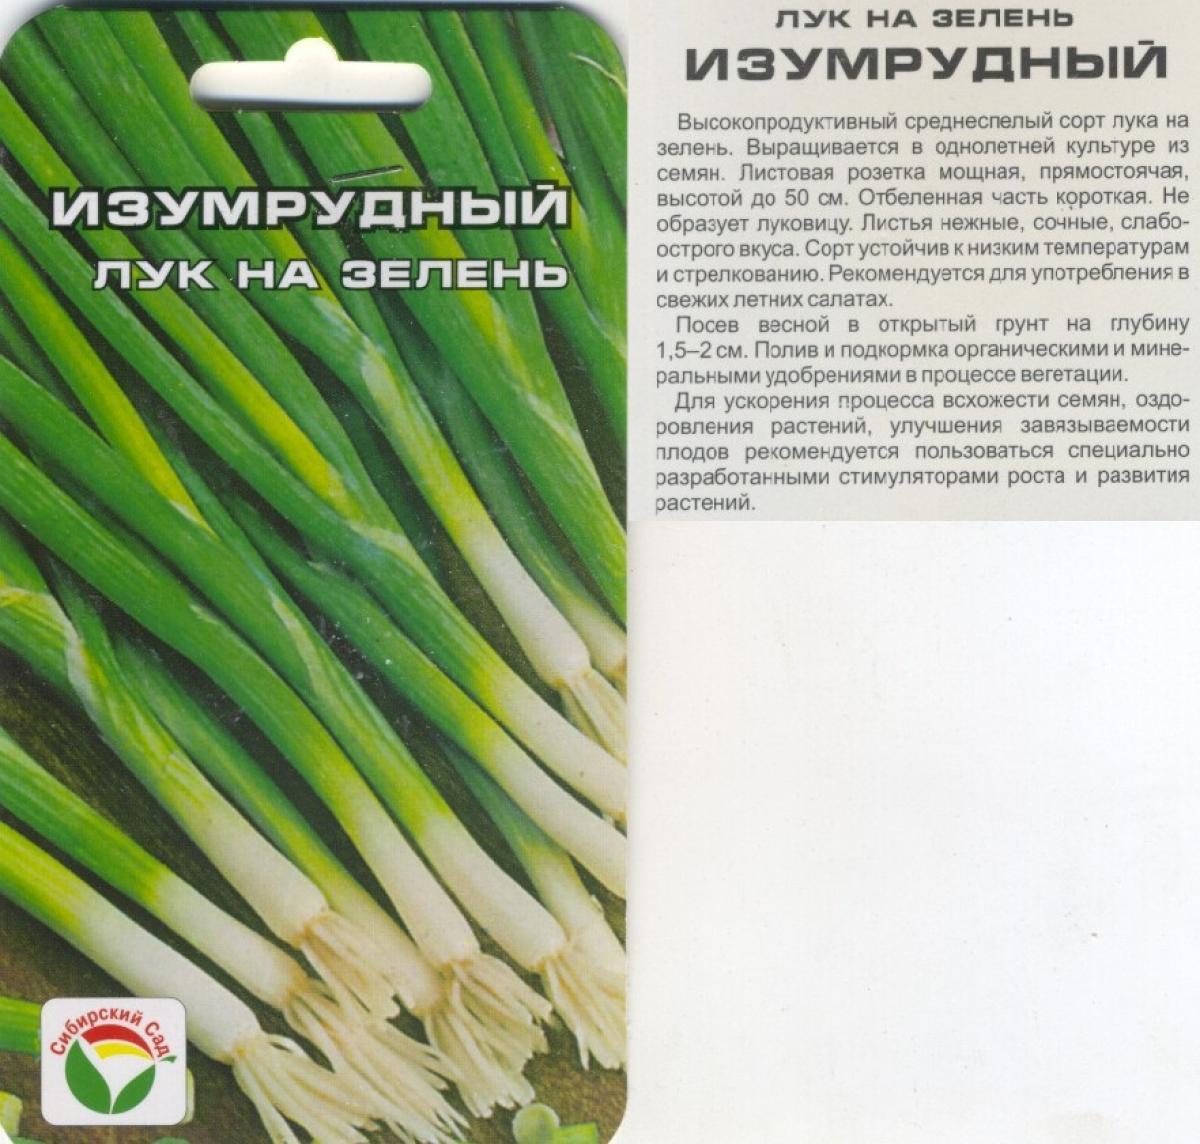 Выращивание и продажа свежей зелени (укропа, зеленого лука) 37